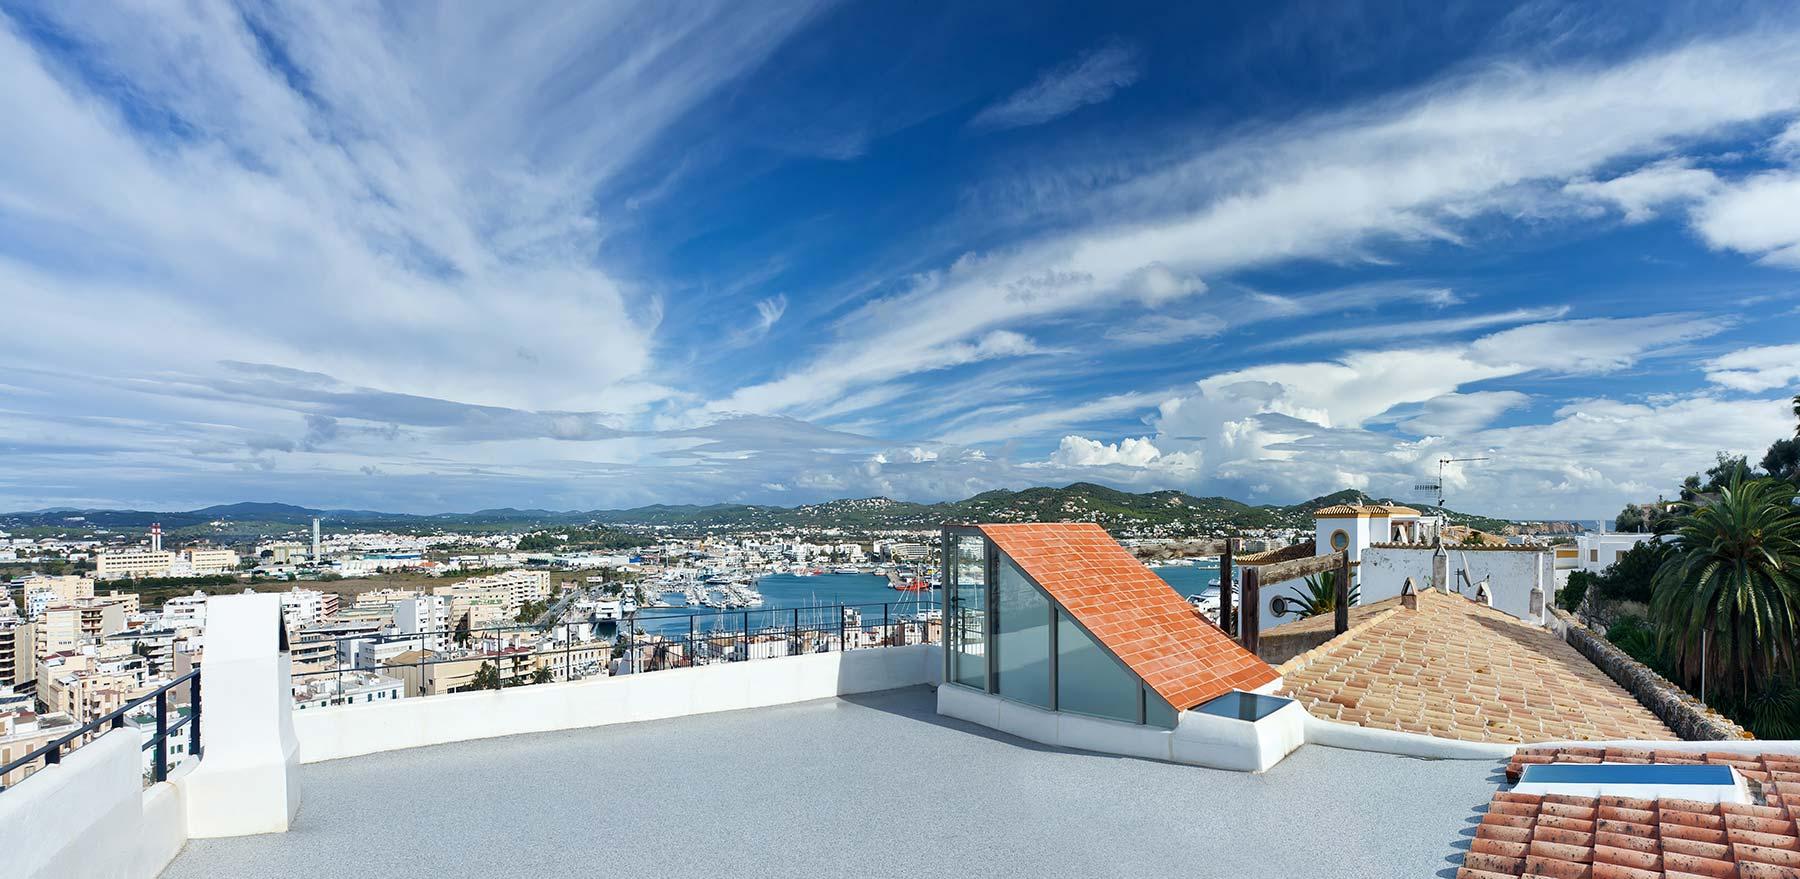 Townhouse in Ibiza Dalt Villa for sale